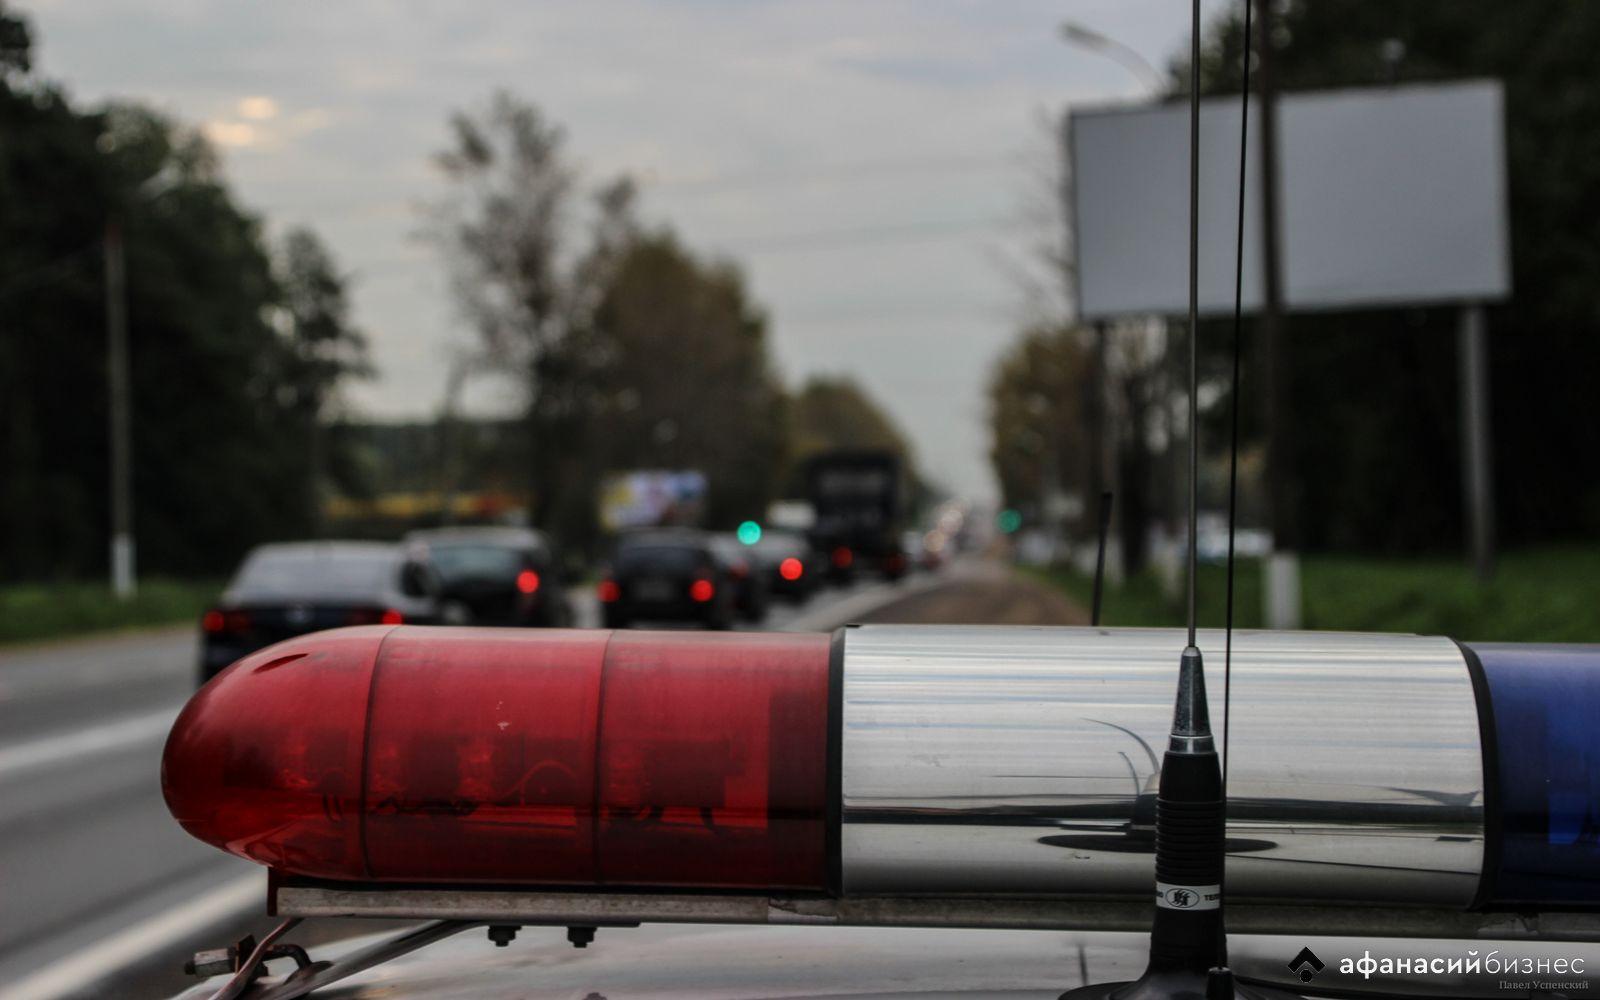 На дороге в Тверской области «Ока» снесла ограждение и перевернулась в кювет, пострадал водитель - новости Афанасий